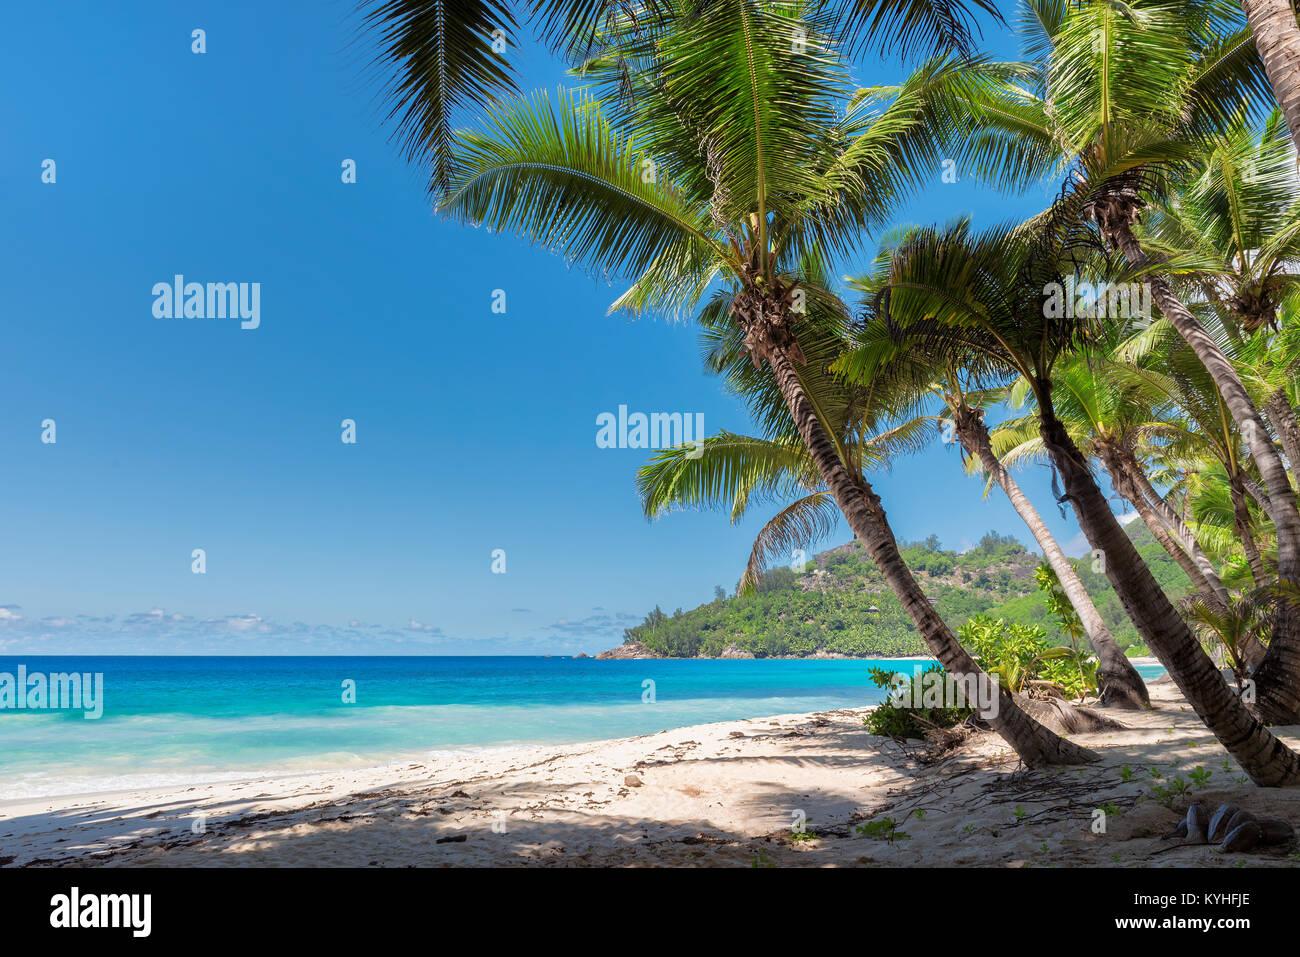 Vista de la bonita playa tropical con palmeras alrededor. Imagen De Stock